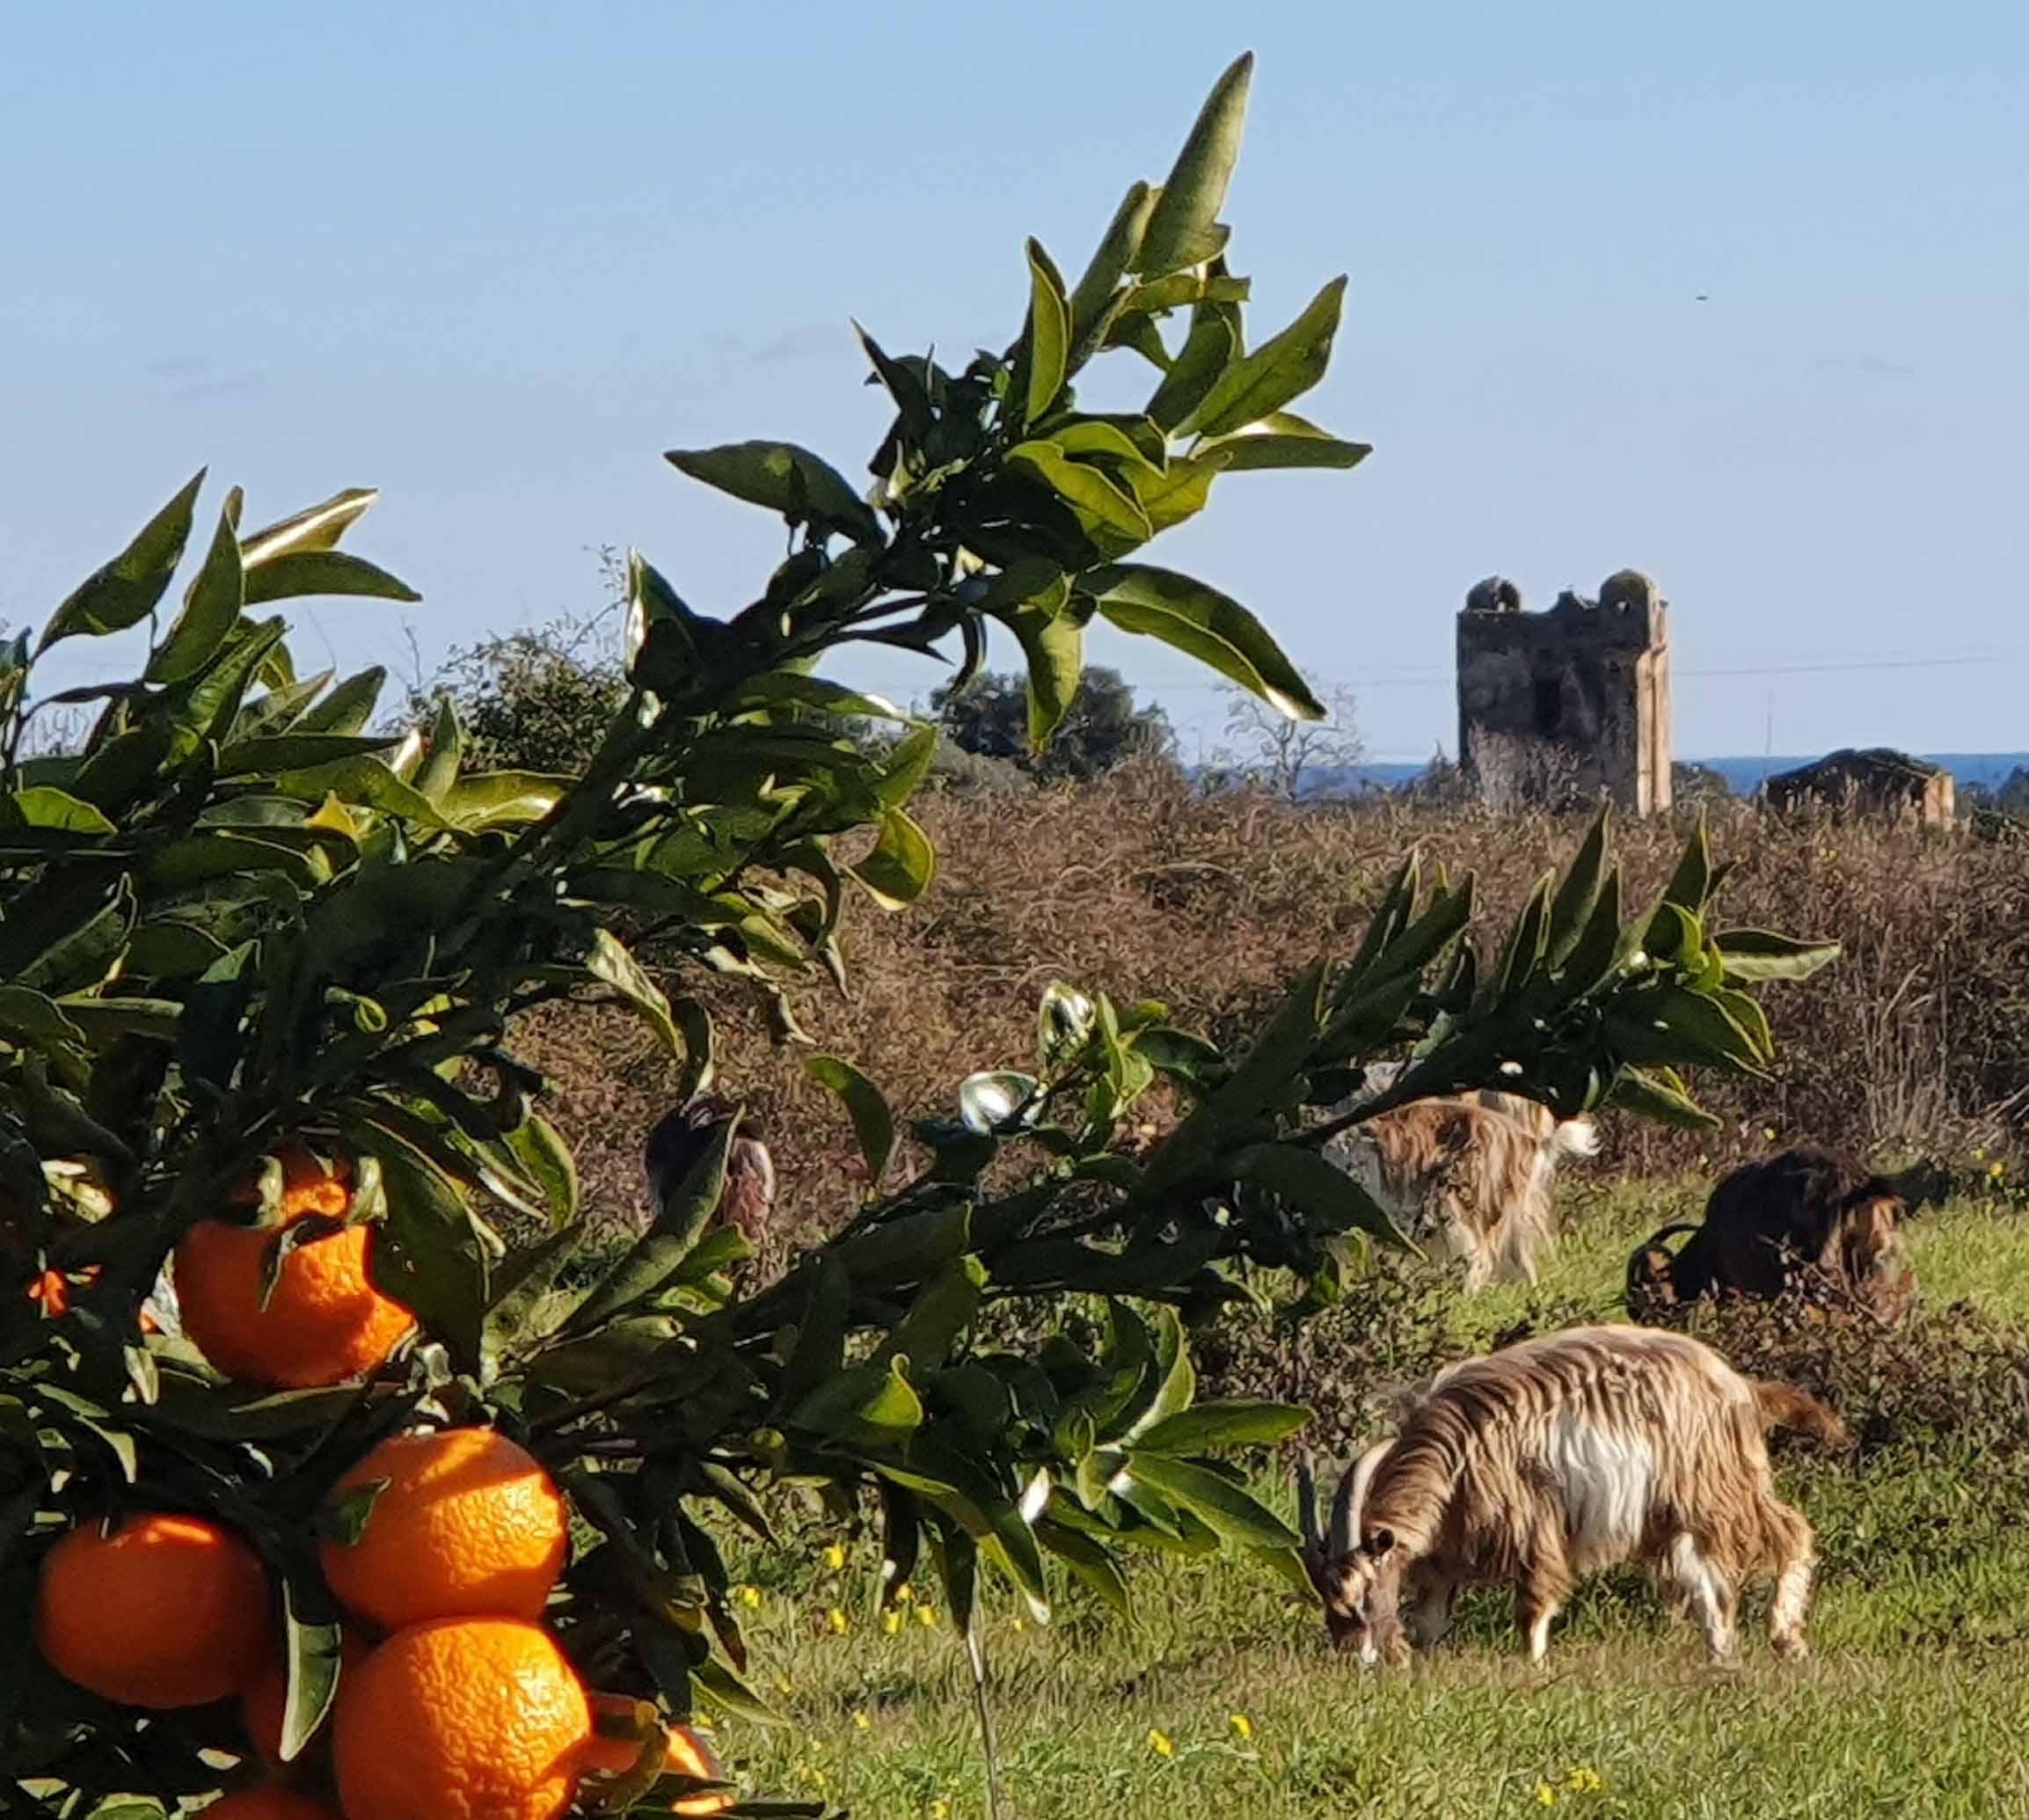 Troupeaux de chèvres corses : gestion de l'enherbement en périphérie de vergers